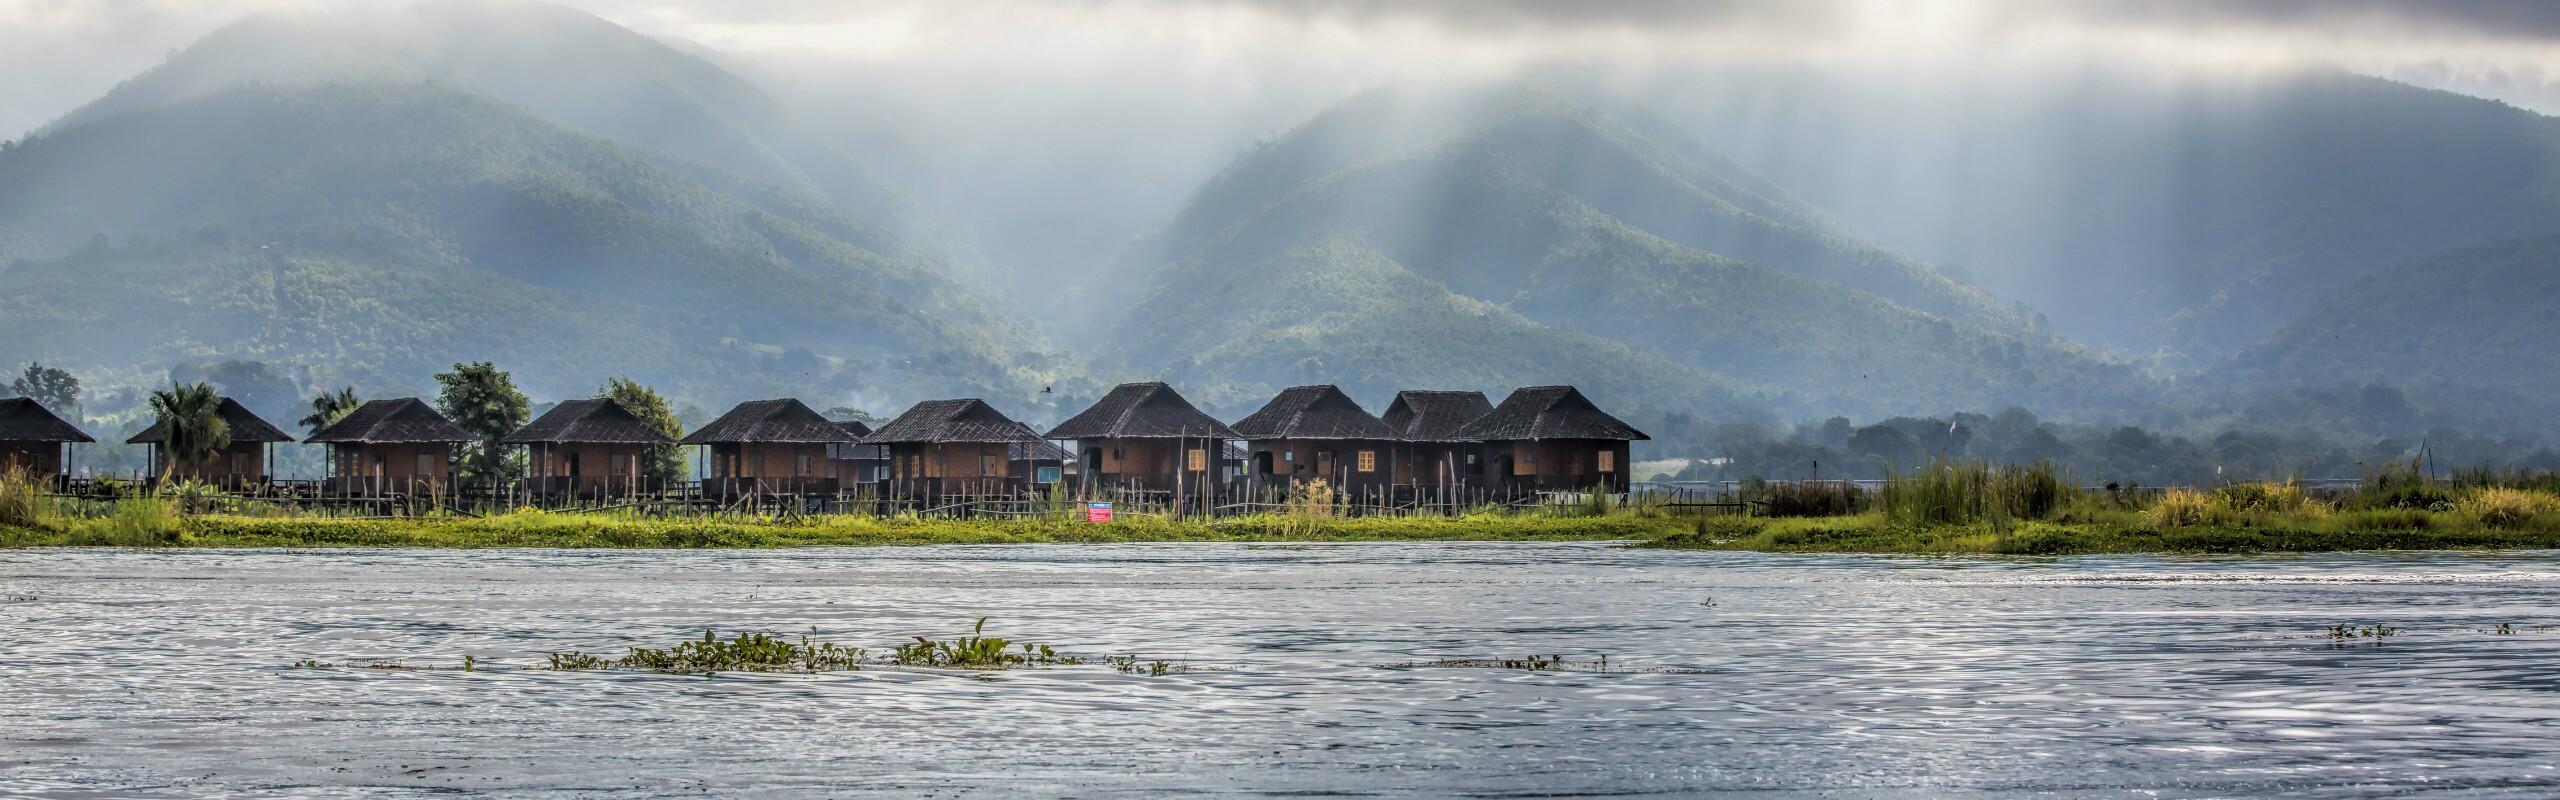 Myanmar Weather in October - Rainfall Decreases